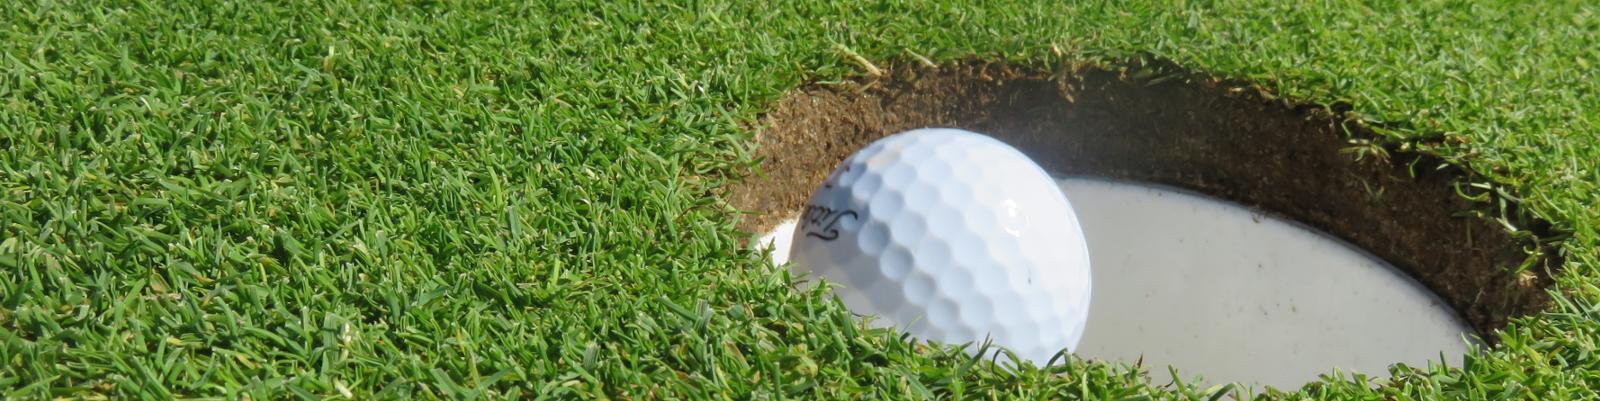 slide:Golf